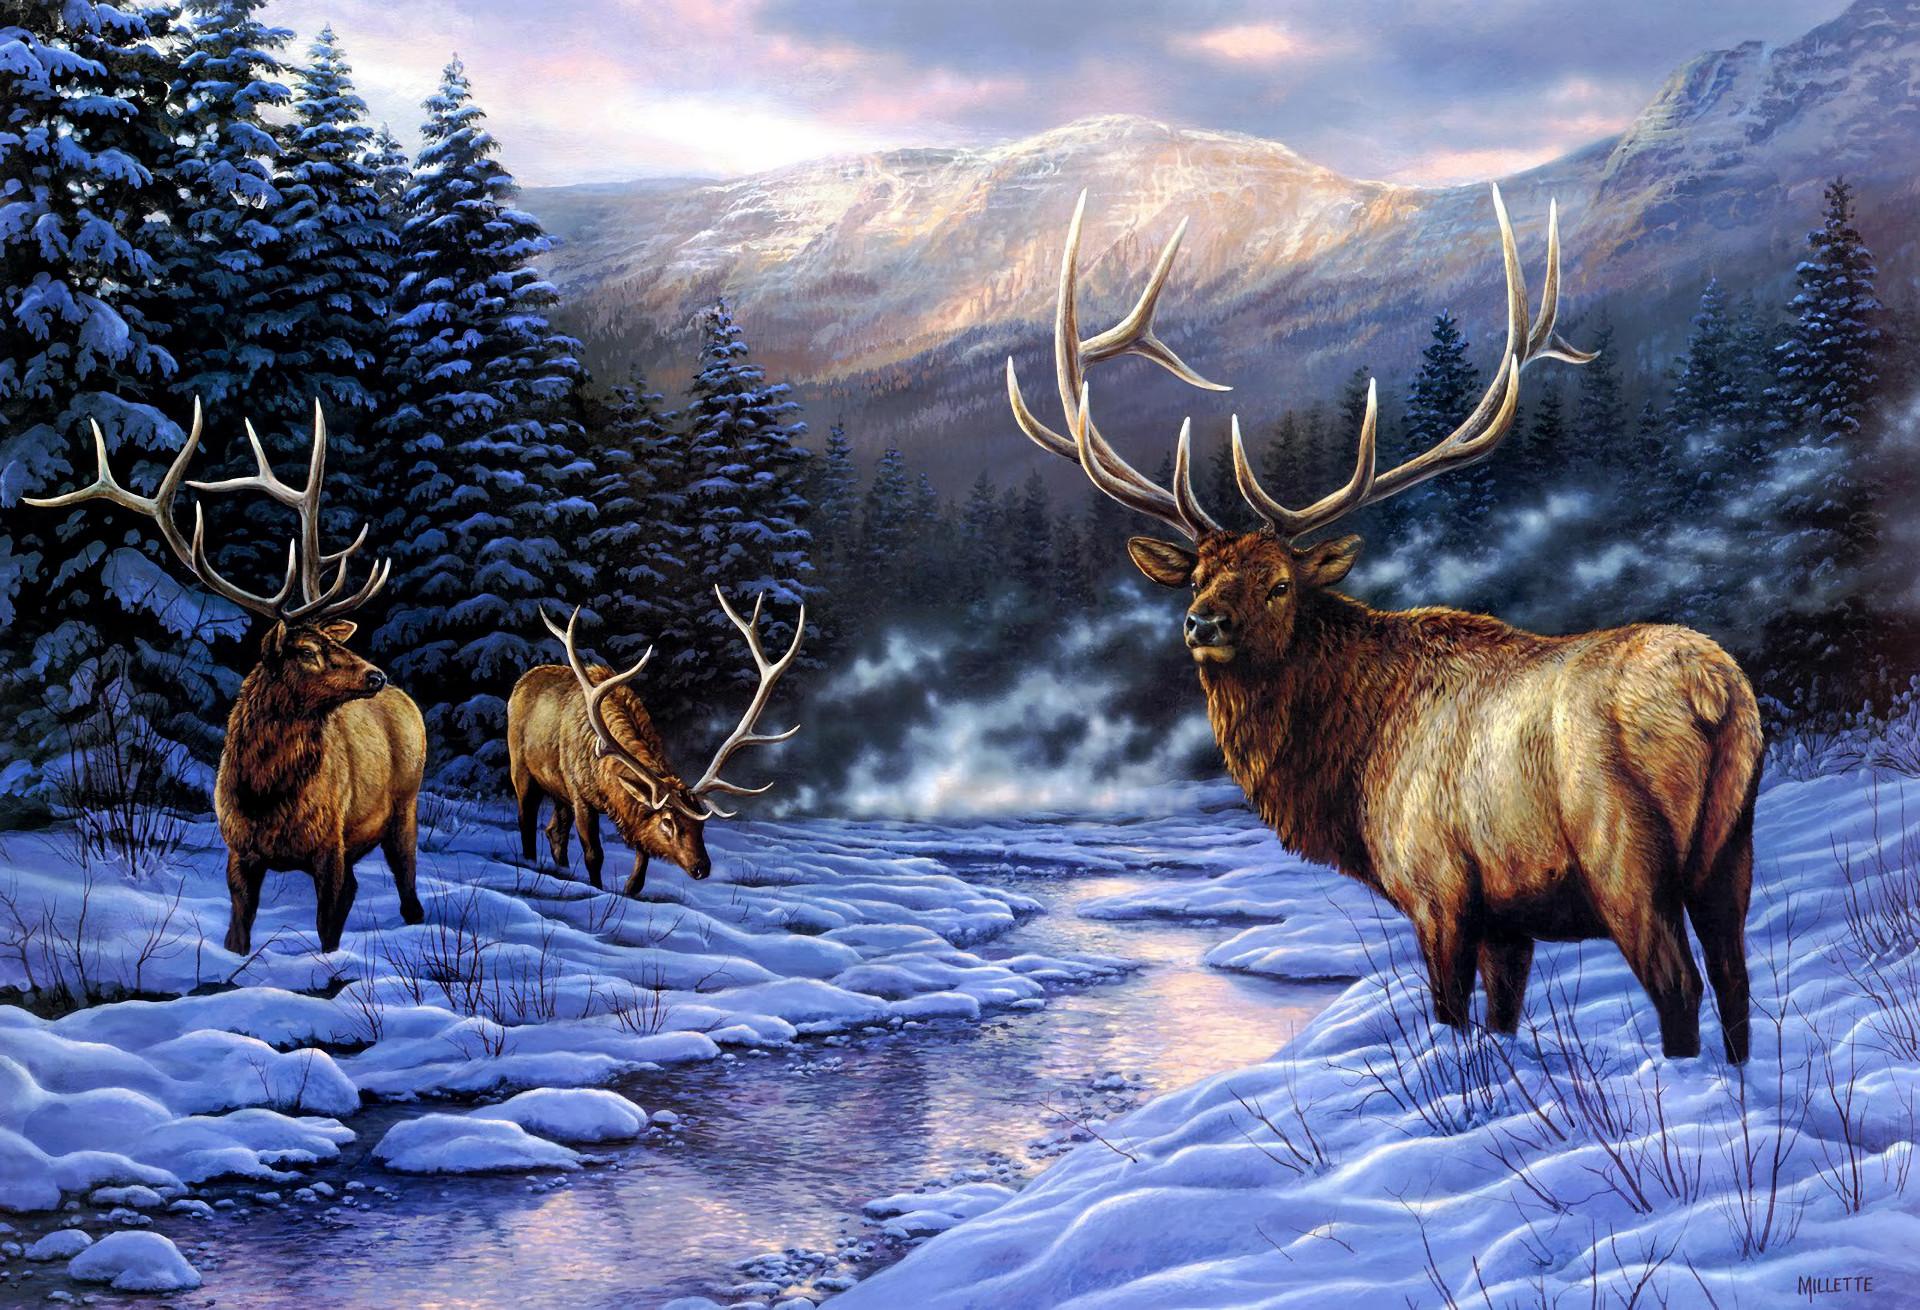 Whitetail deer desktop backgrounds 58 images - Elk hunting wallpaper ...